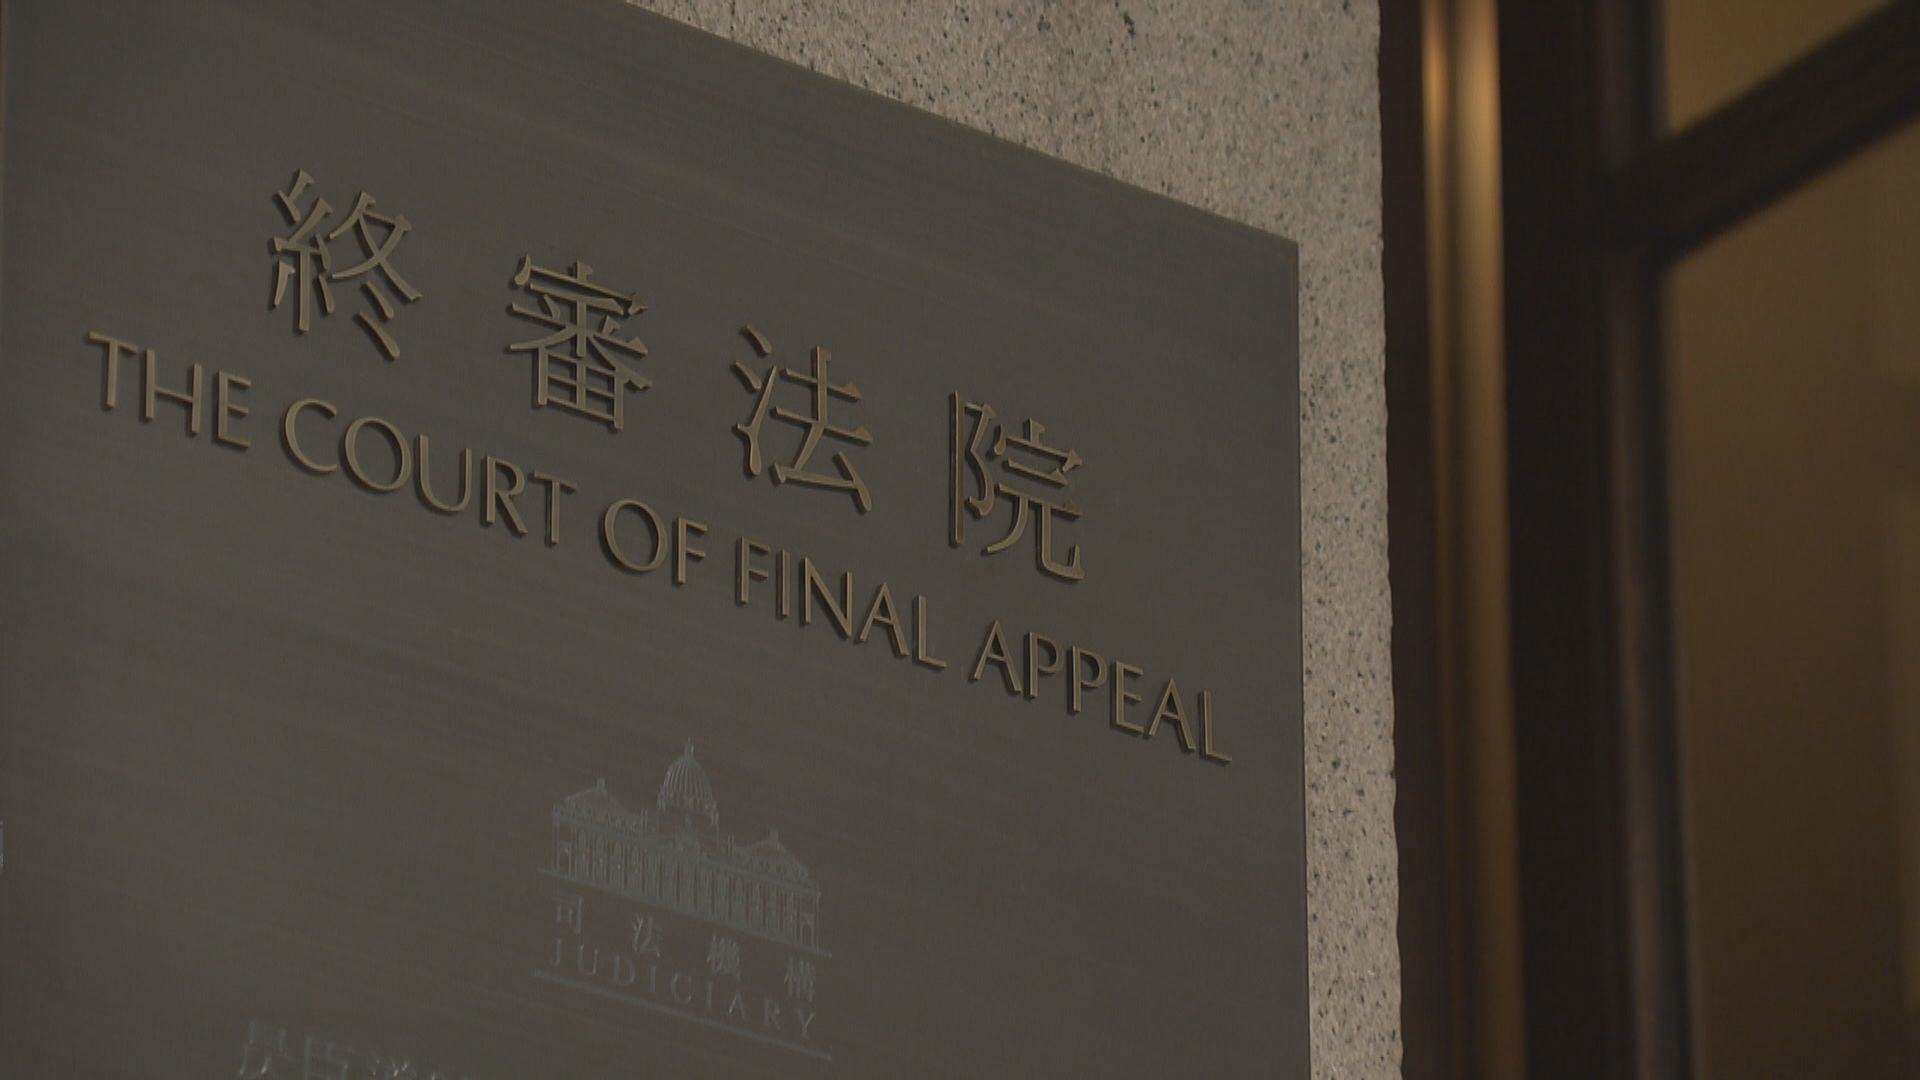 梁國雄立會搶文件案 終院批上訴許可稍後頒布書面解釋